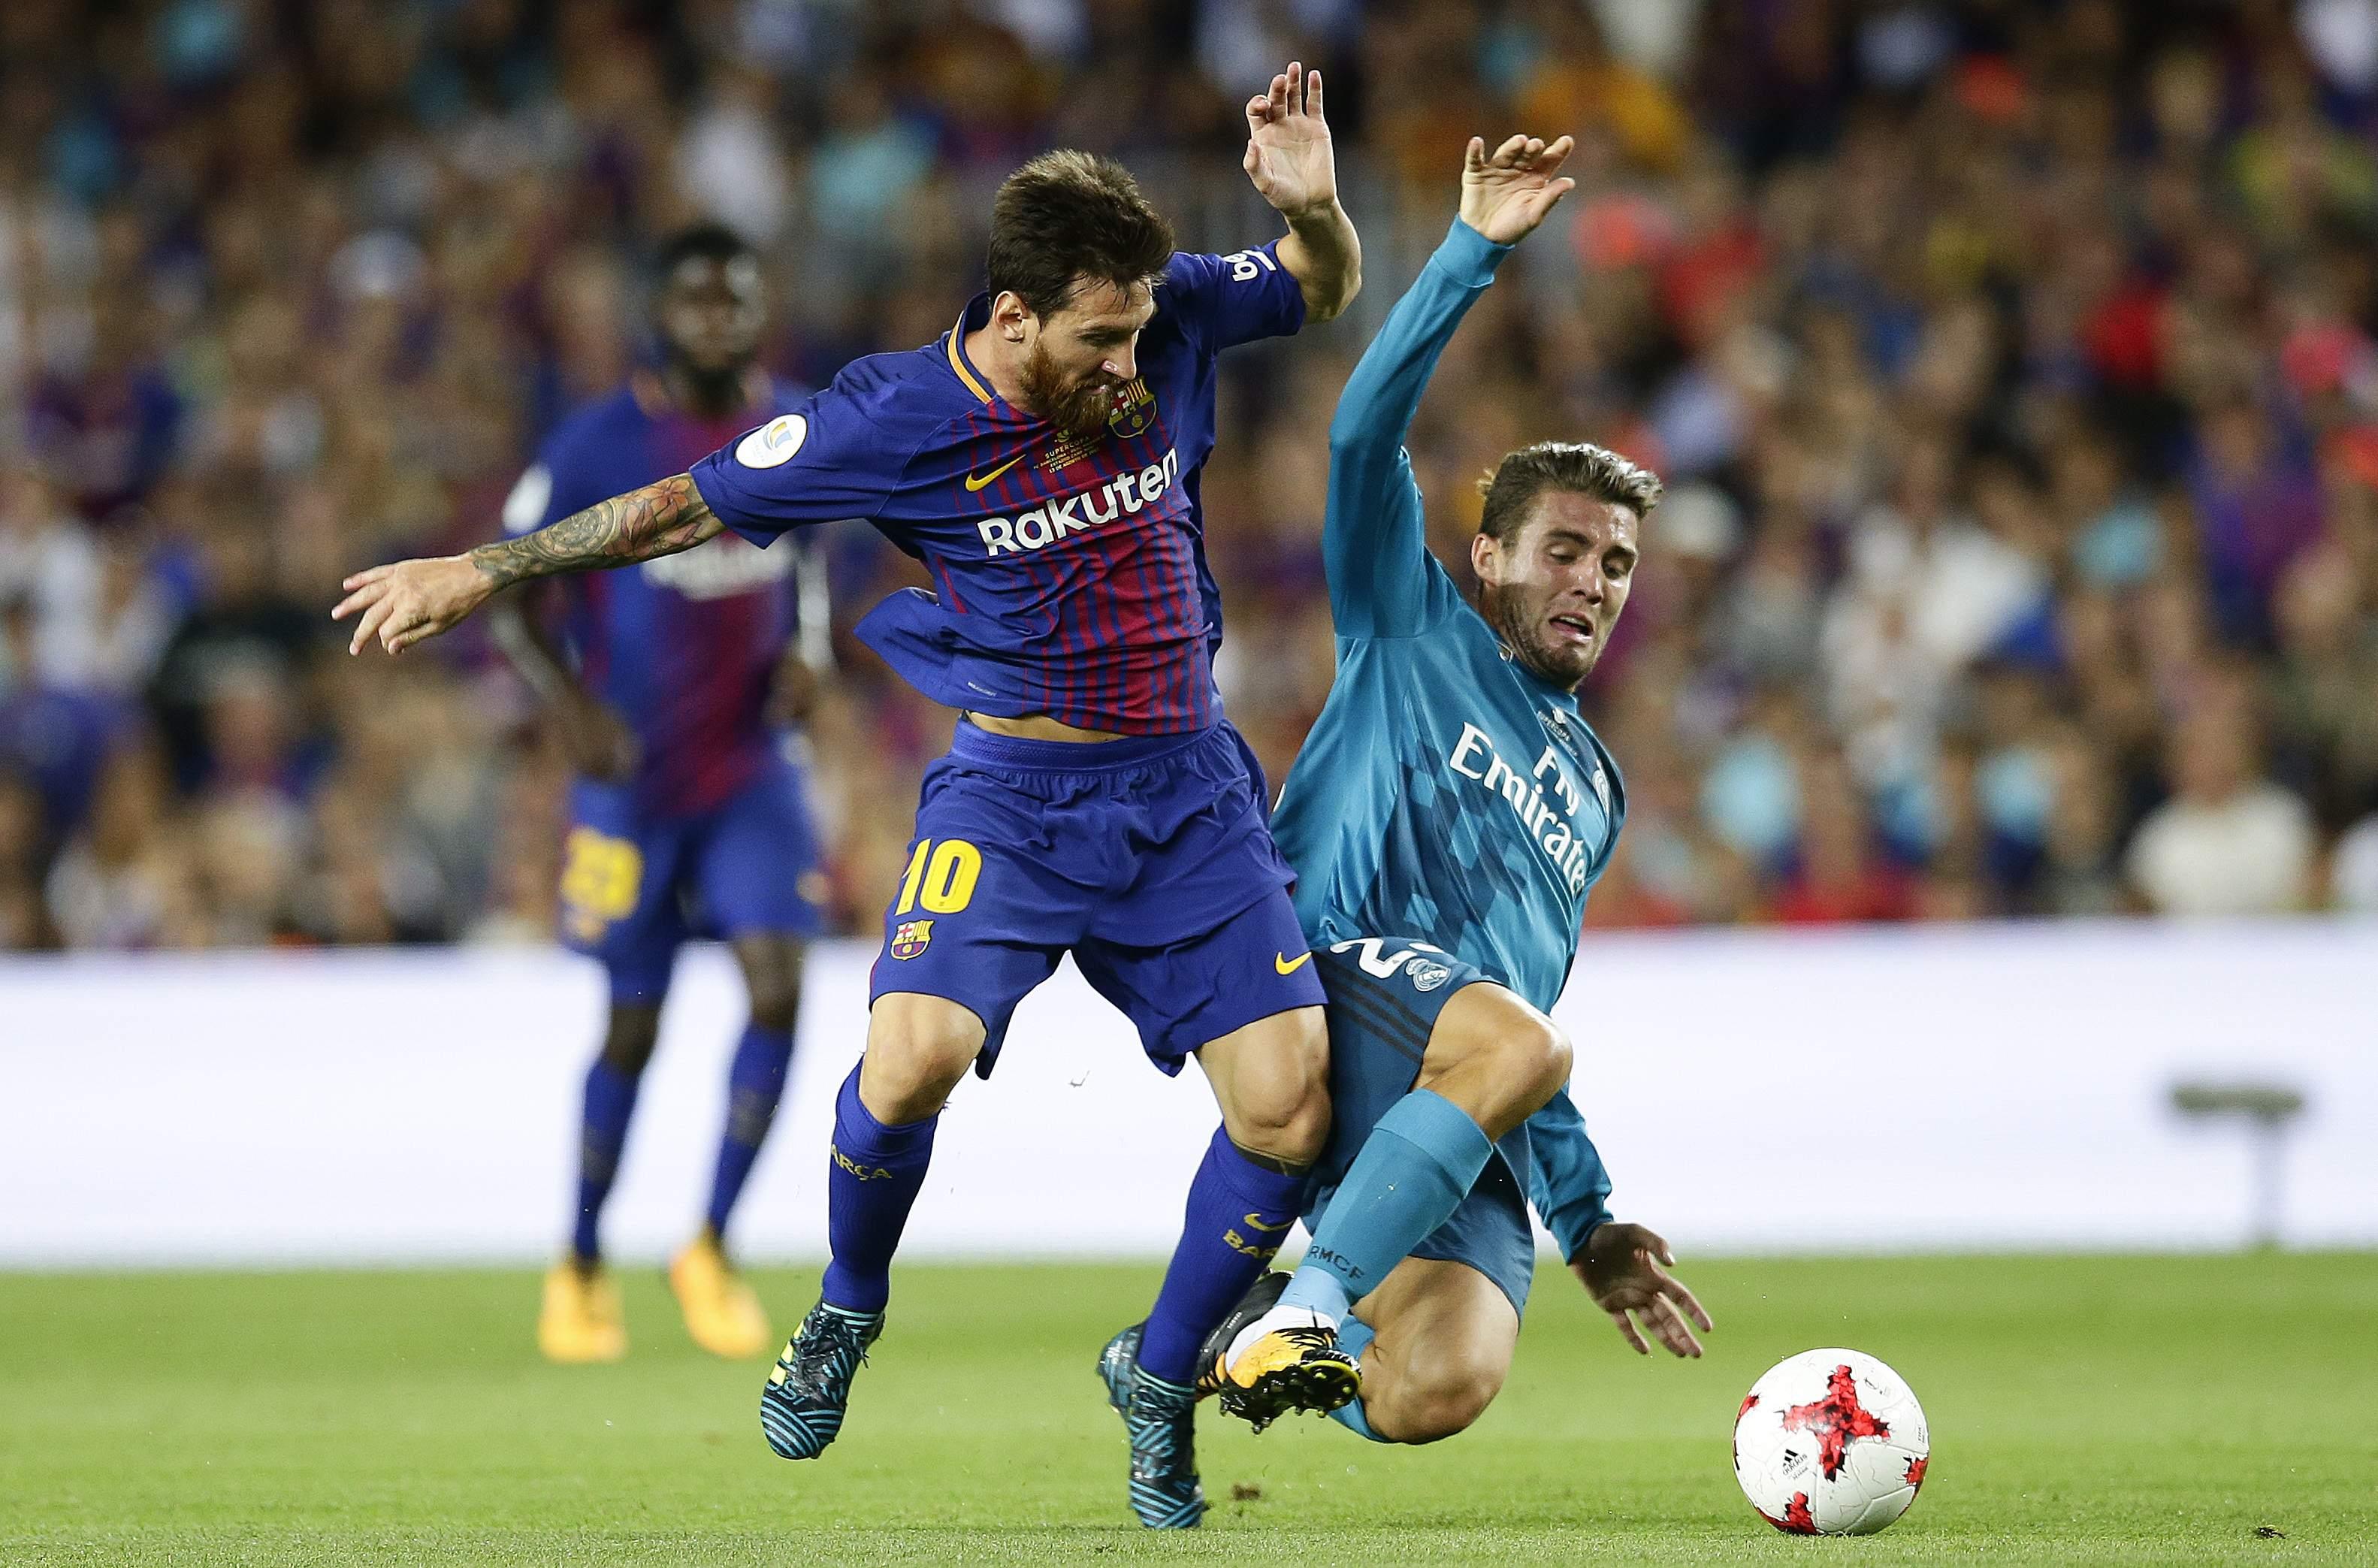 """Tin cực vui cho Zidane khi """"khắc tinh của Messi"""" đã trở lại và hứa hẹn lợi hại hơn xưa"""